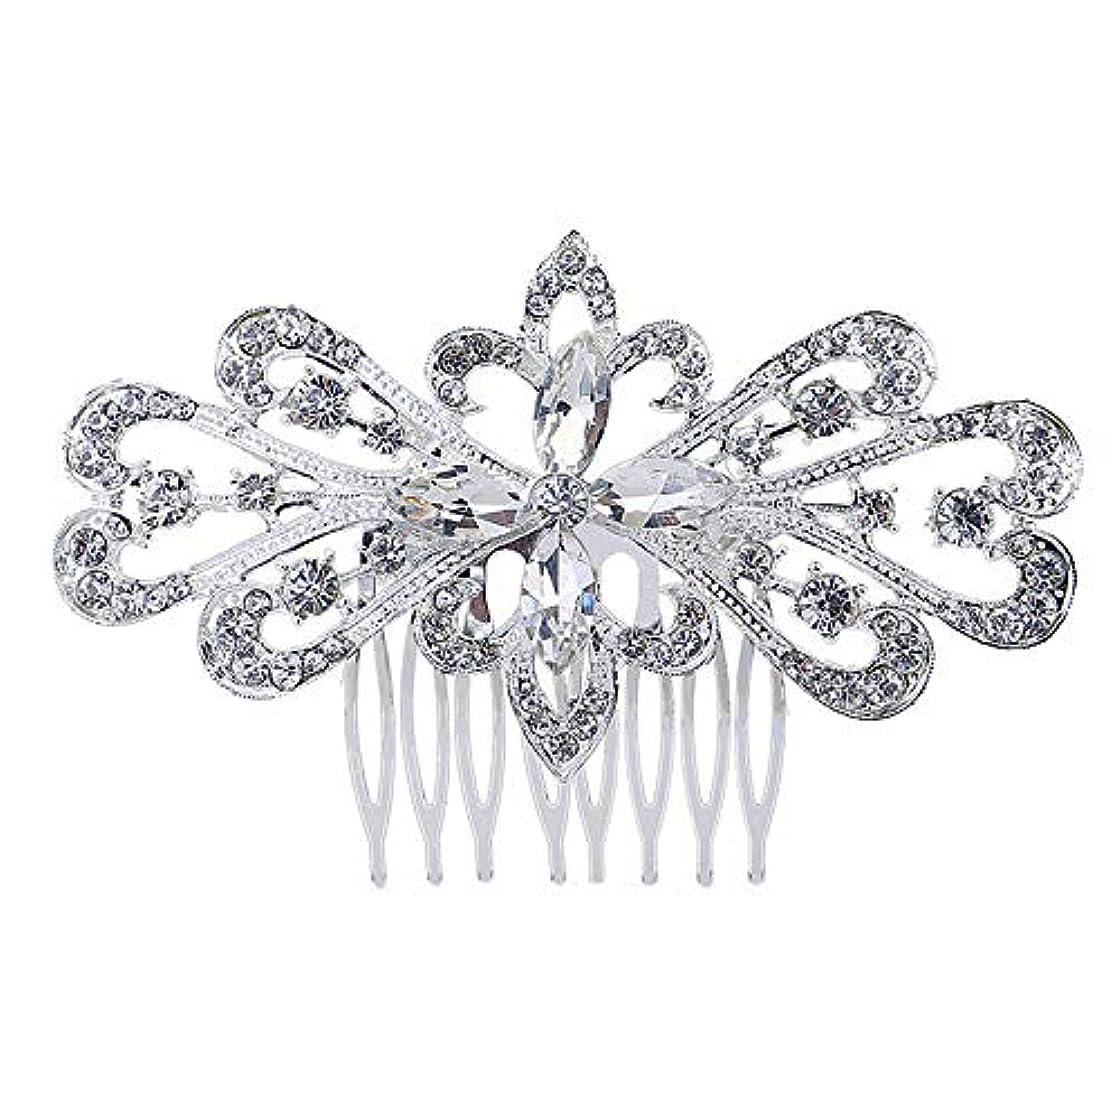 モナリザ支援褒賞髪の櫛の櫛の櫛の花嫁の髪の櫛の花の髪の櫛のラインストーンの挿入物の櫛の合金の帽子の結婚式のアクセサリー